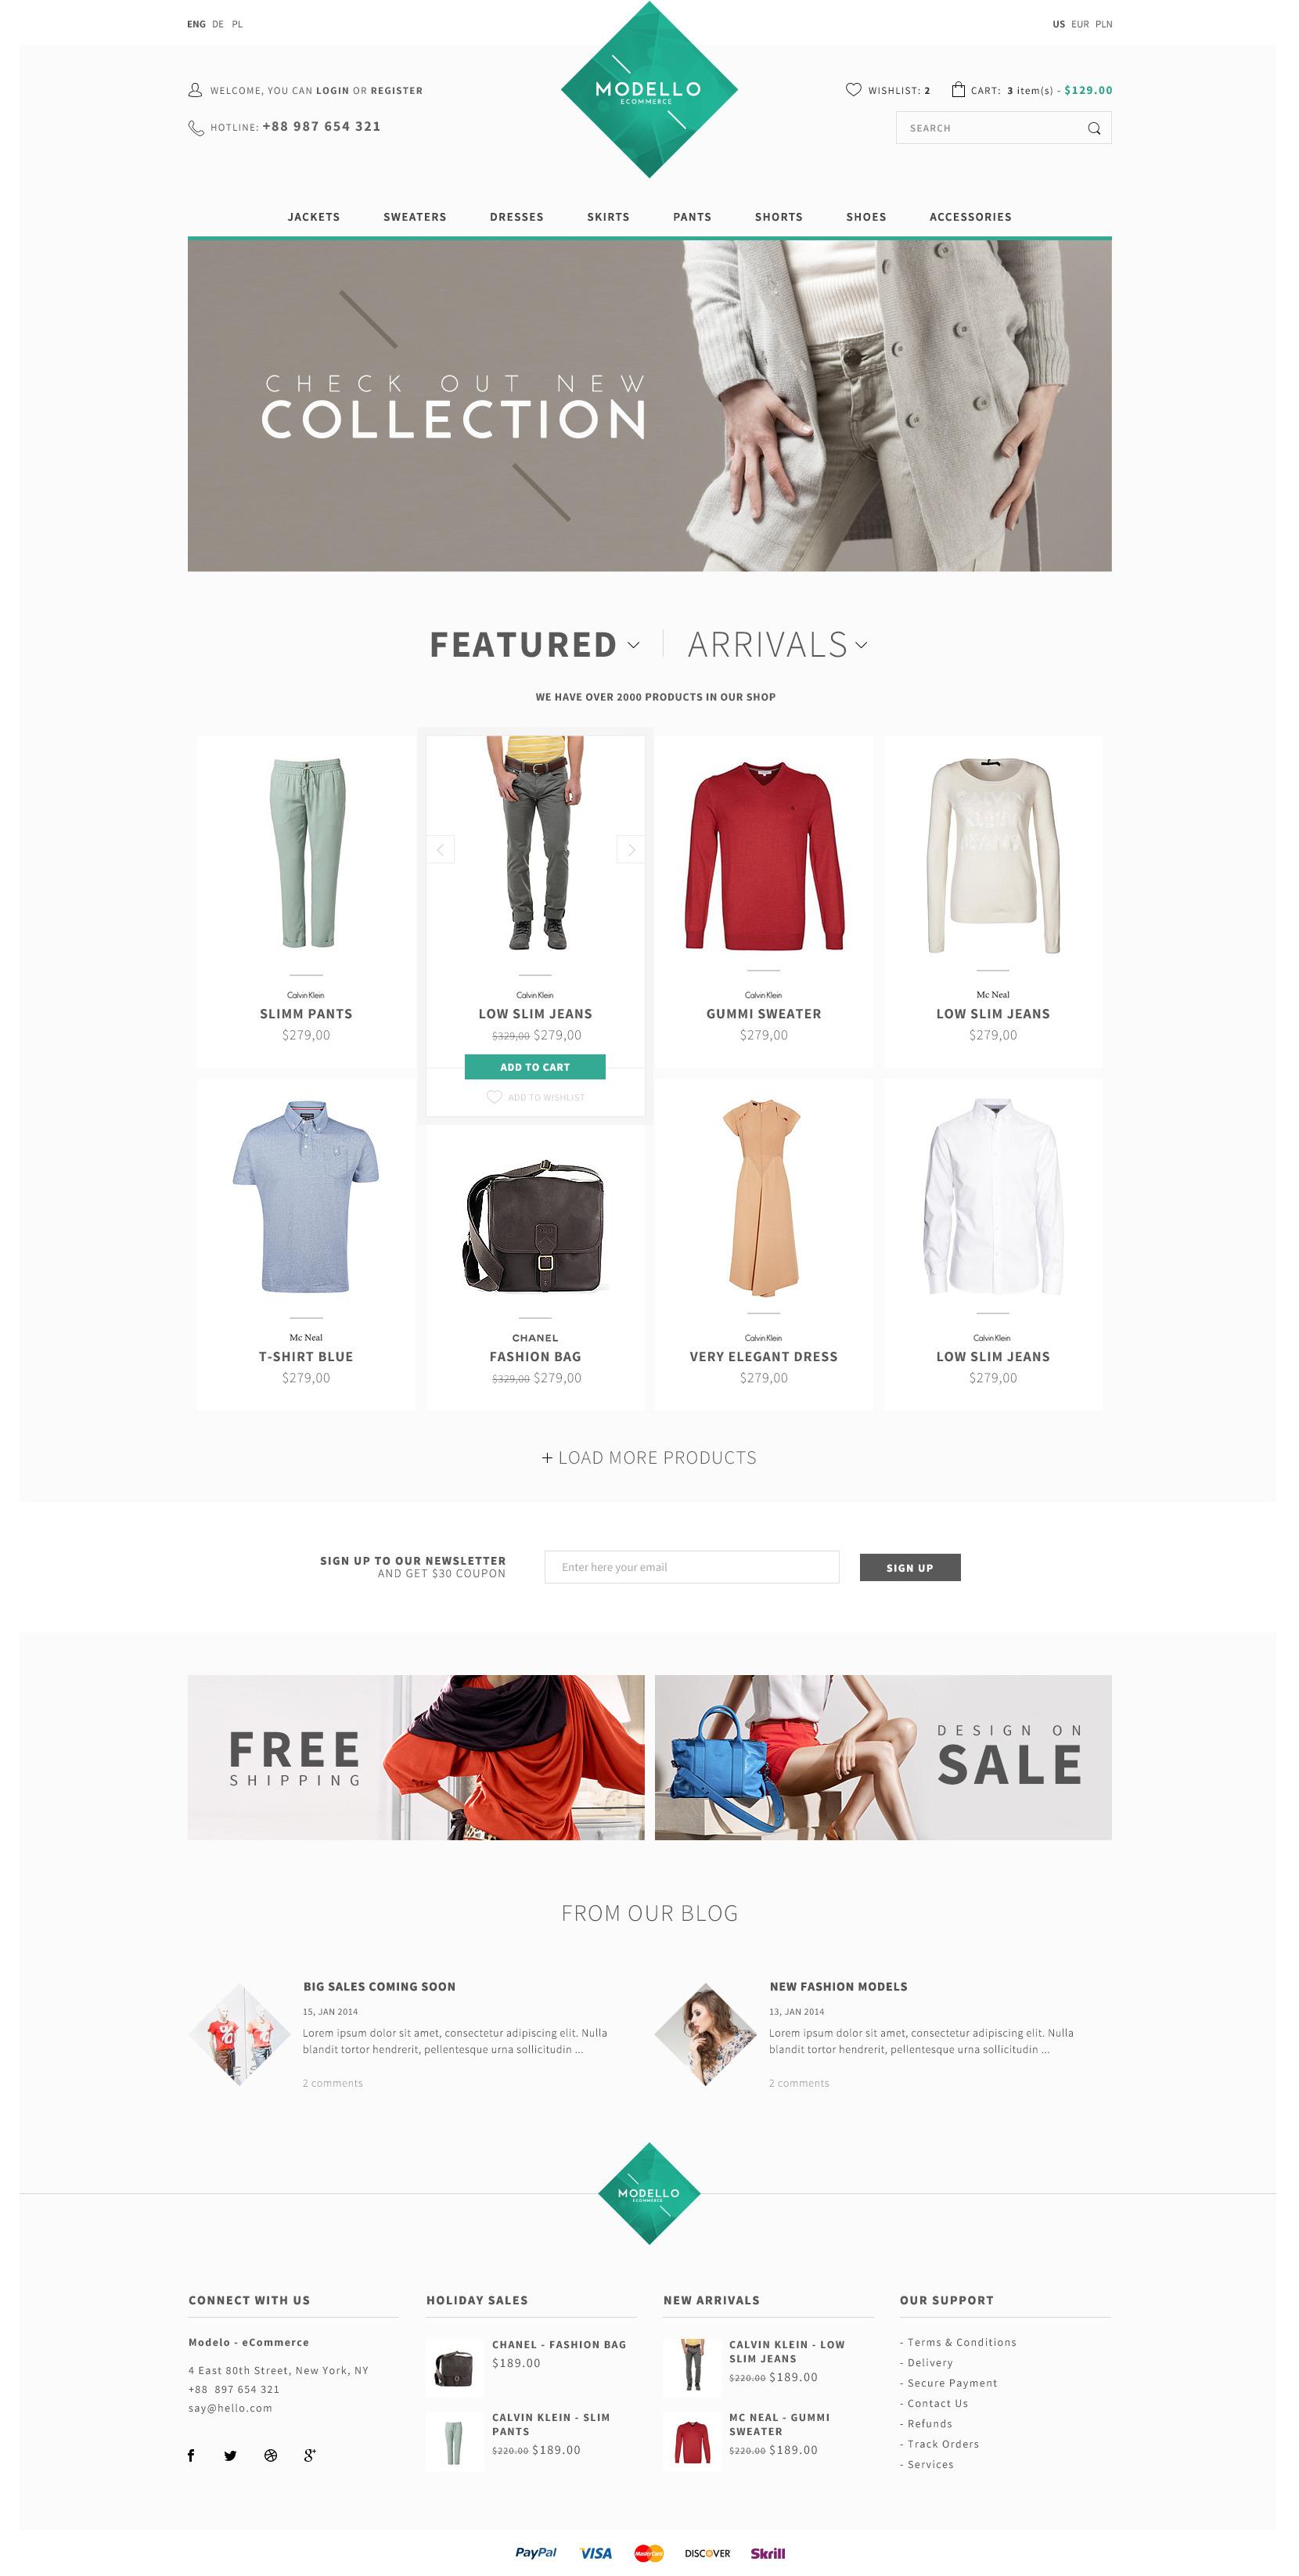 Modello - eCommerce PSD Template